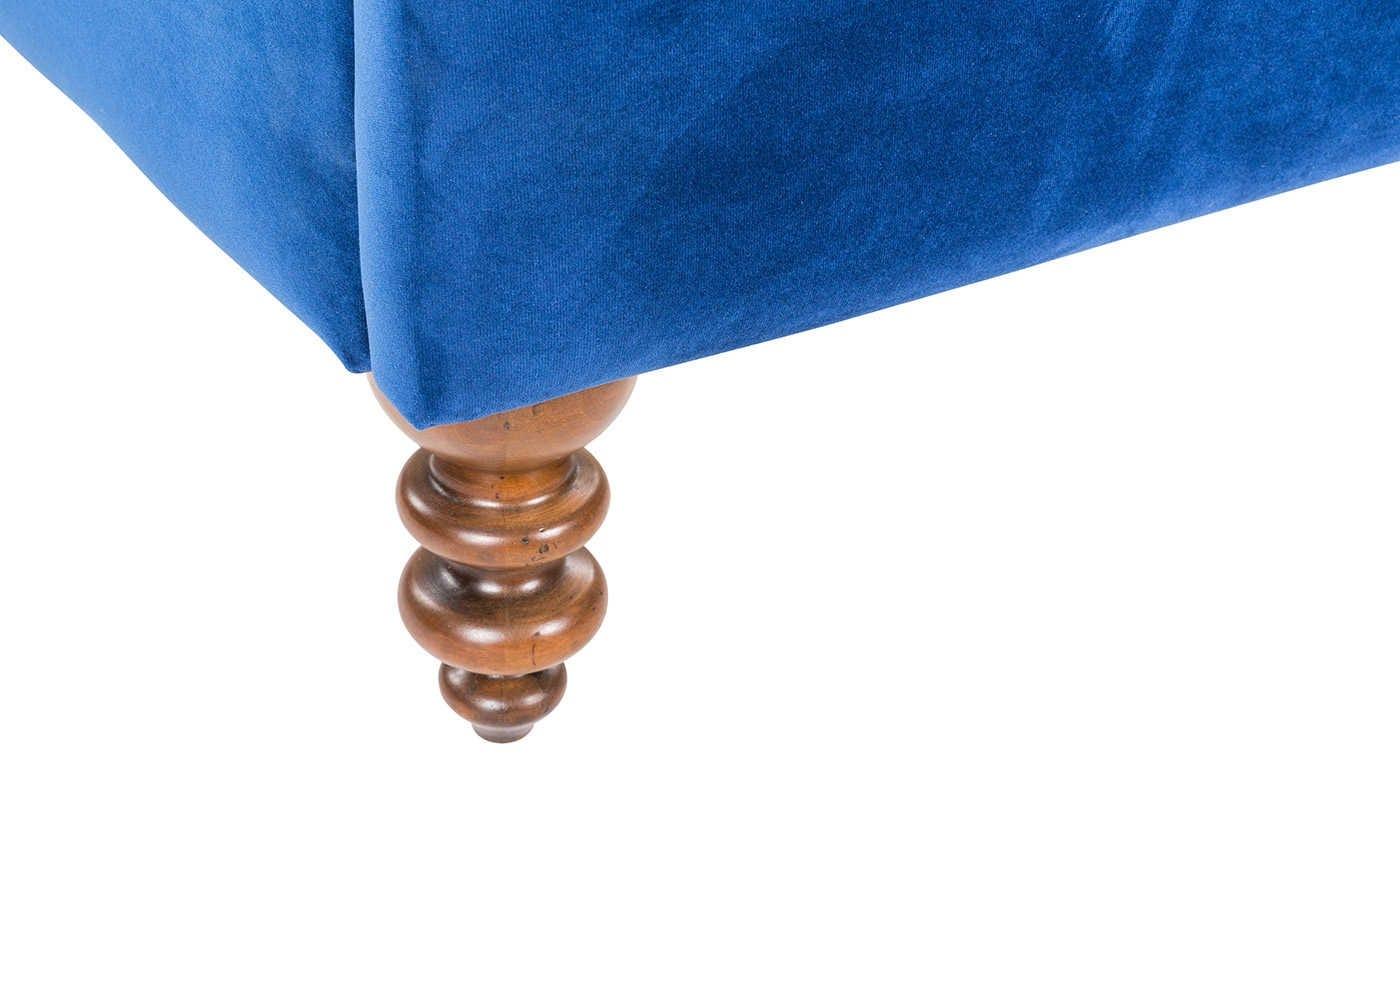 Smart Velvet Blue with turned antique walnut legs